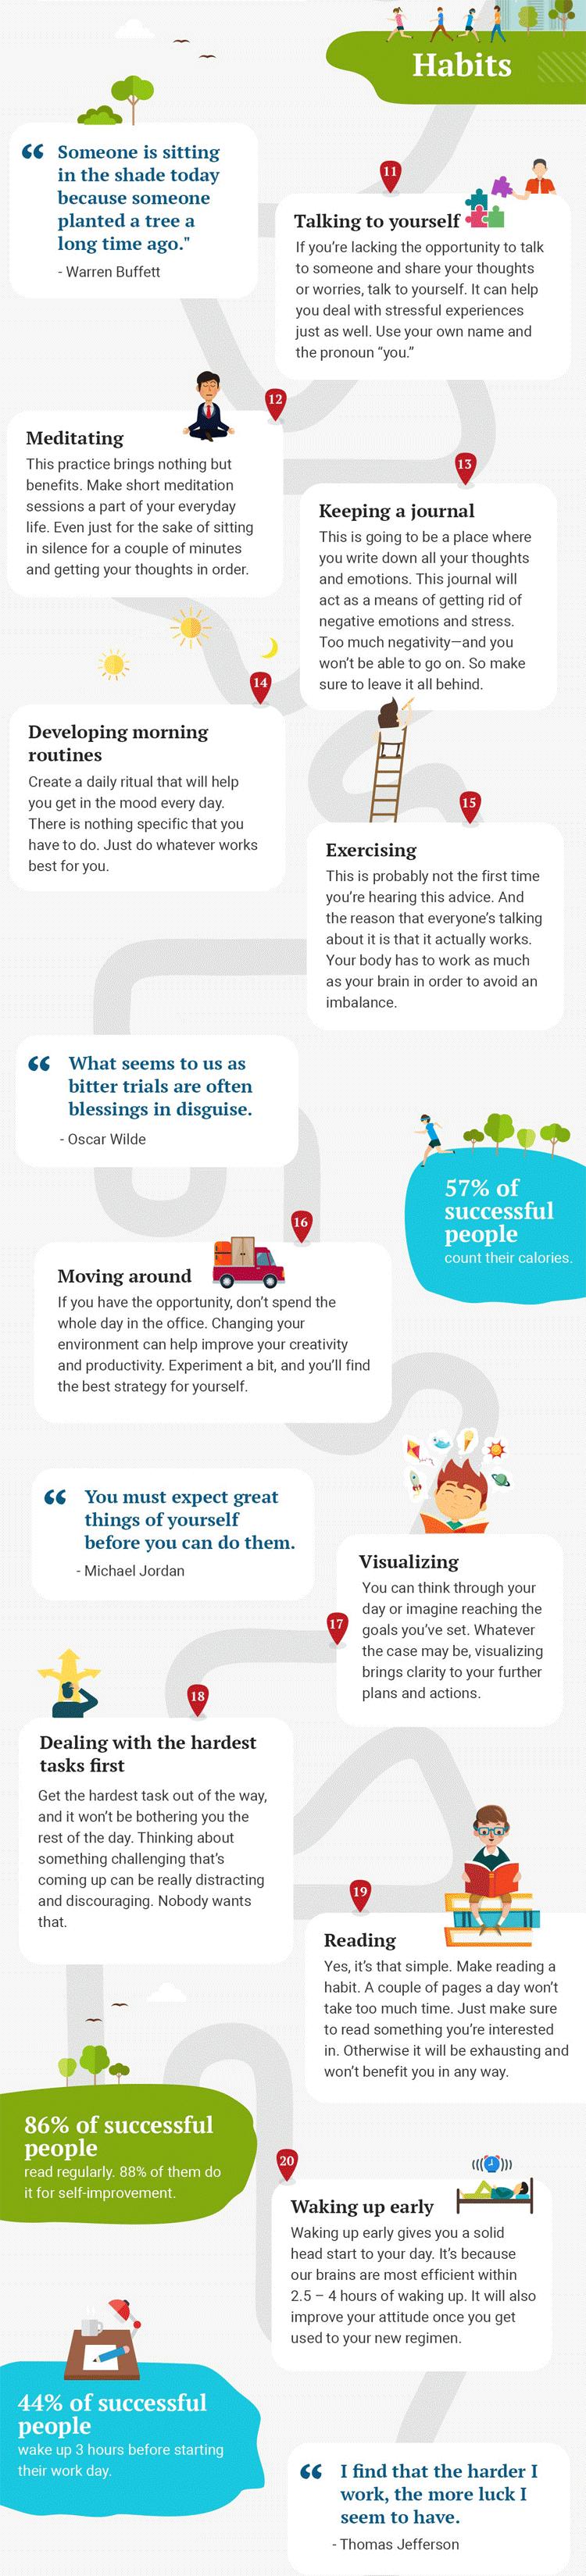 Infografik: 10 Gewohnheiten für mehr Erfolg in Alltag und Beruf